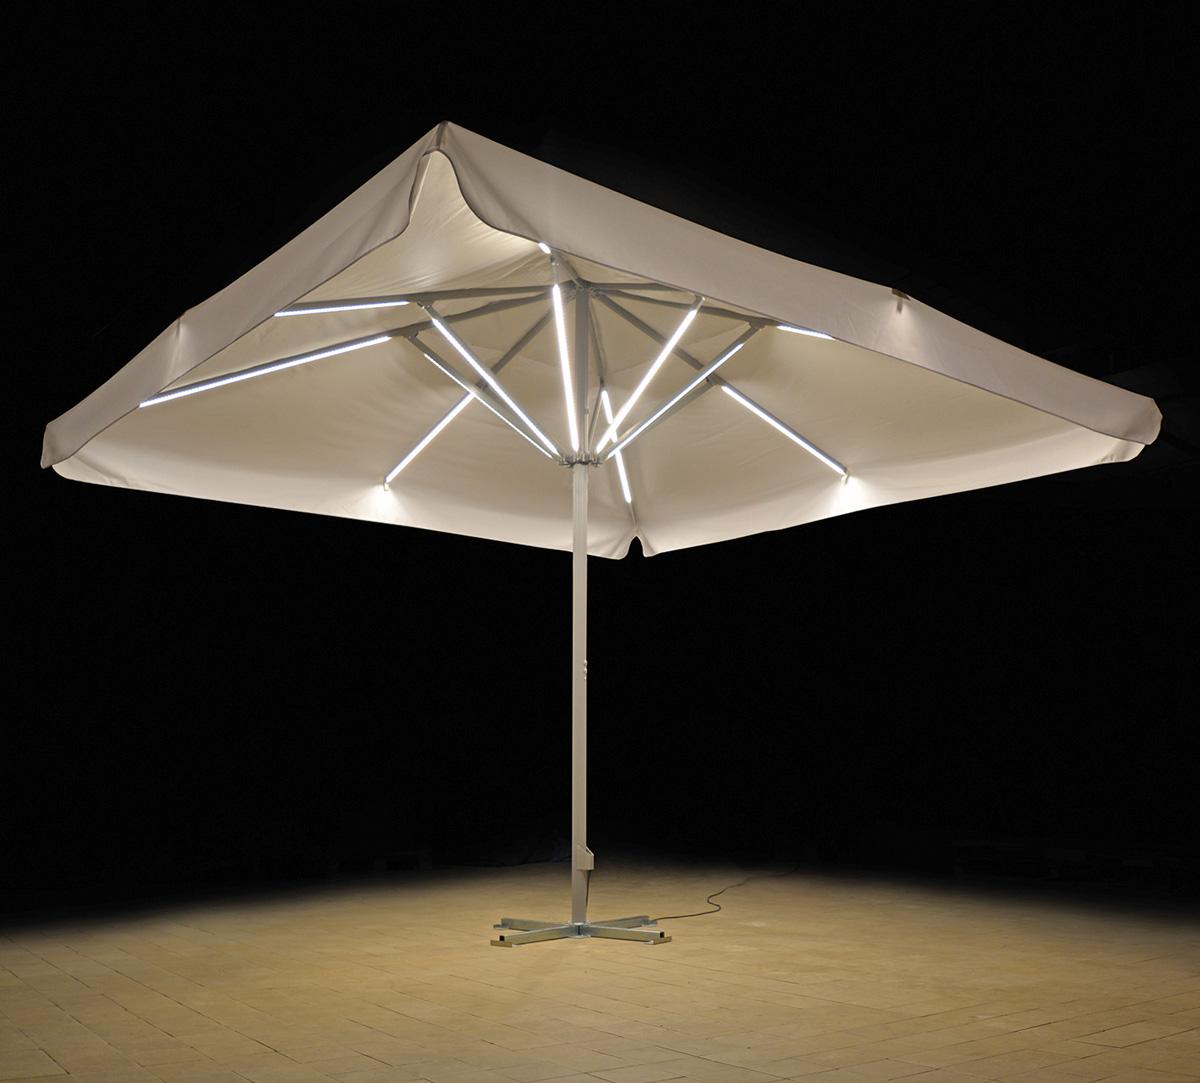 Sonnenschirm Expert LED-Beleuchtung